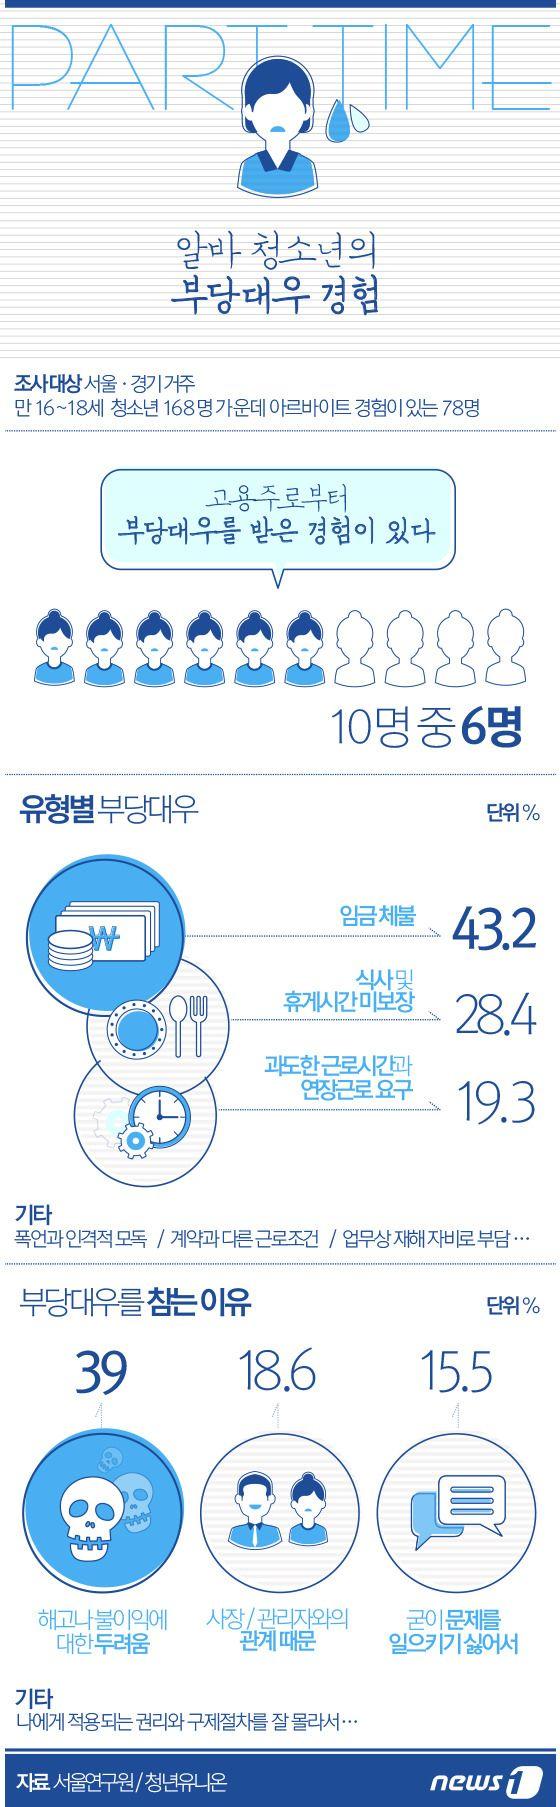 [그래픽뉴스] 알바 청소년의 부당대우 경험  http://www.news1.kr/photos/details/?1607325 Designer, Eunyoung Bang.  #inforgraphic #inforgraphics #design #graphic #graphics #뉴스1 #인포그래픽 #뉴스1 #뉴스원 [© 뉴스1코리아(news1.kr), 무단 전재 및 재배포 금지] #알바 #아르바이트 #parttime